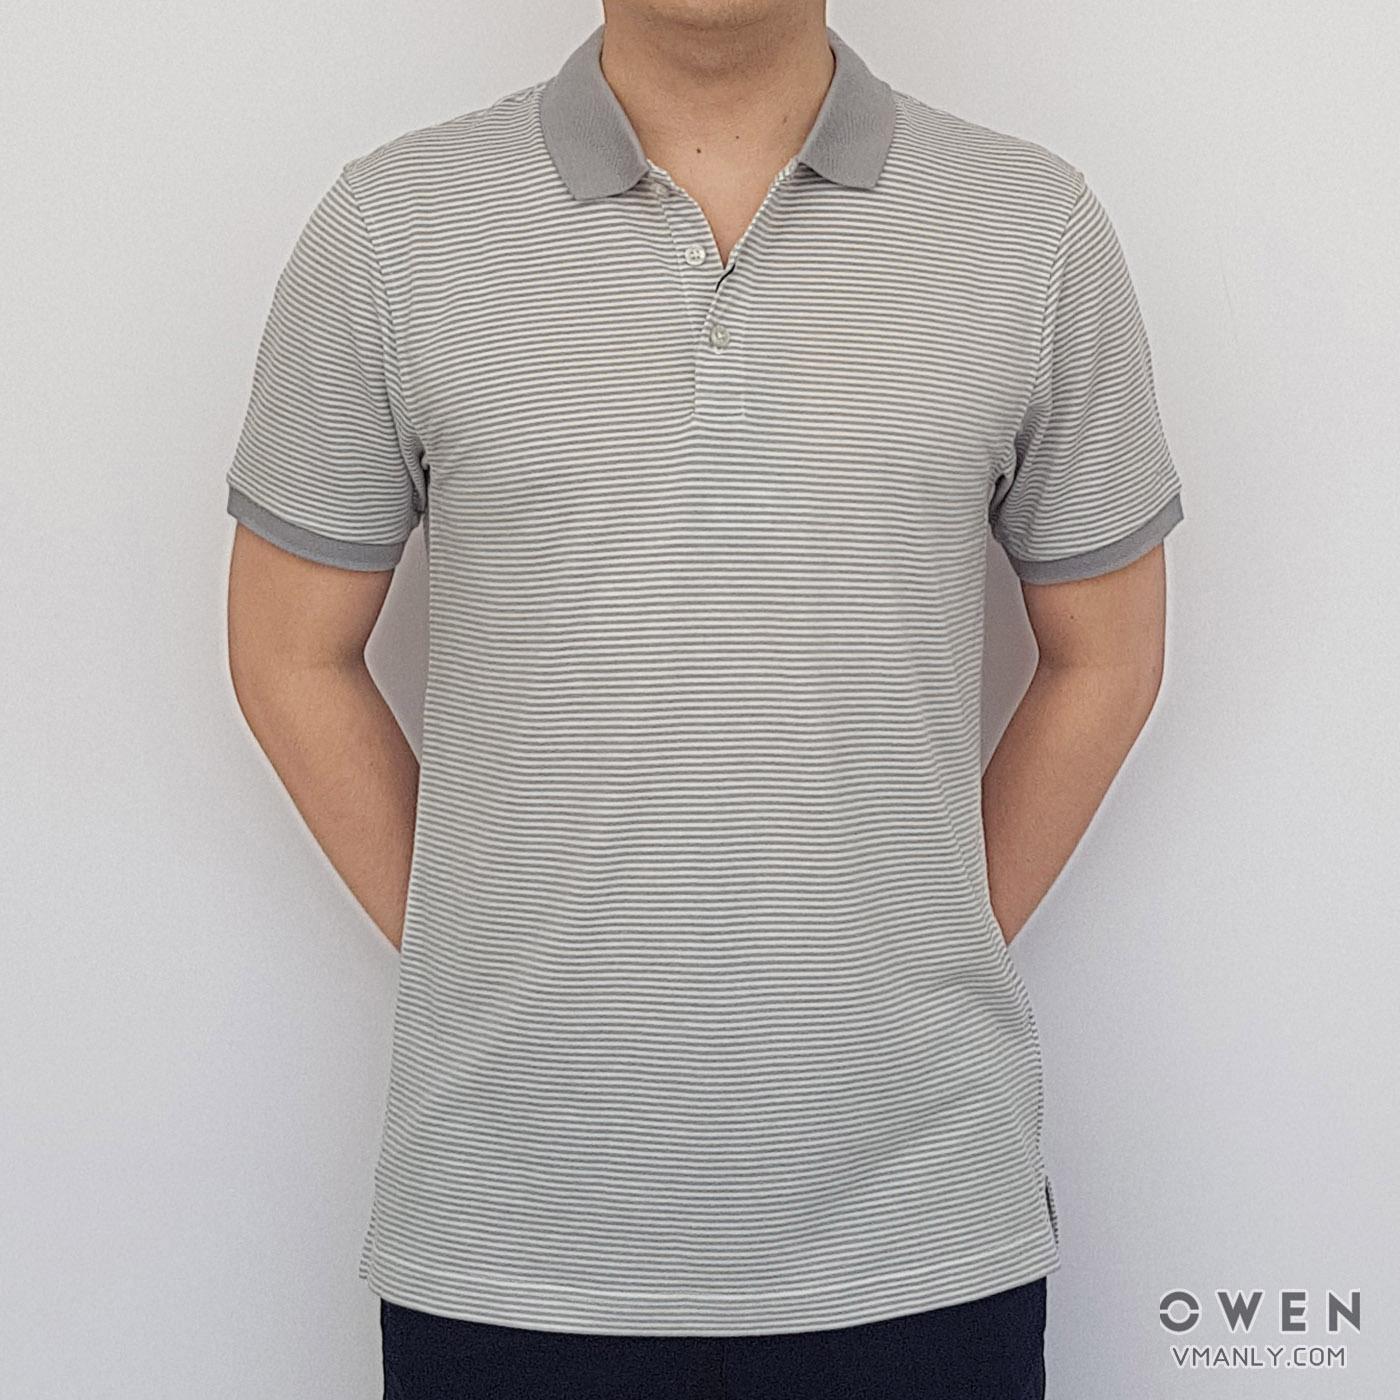 Áo polo nam Owen cổ bẻ sọc ngang màu trắng-xám PAT18185